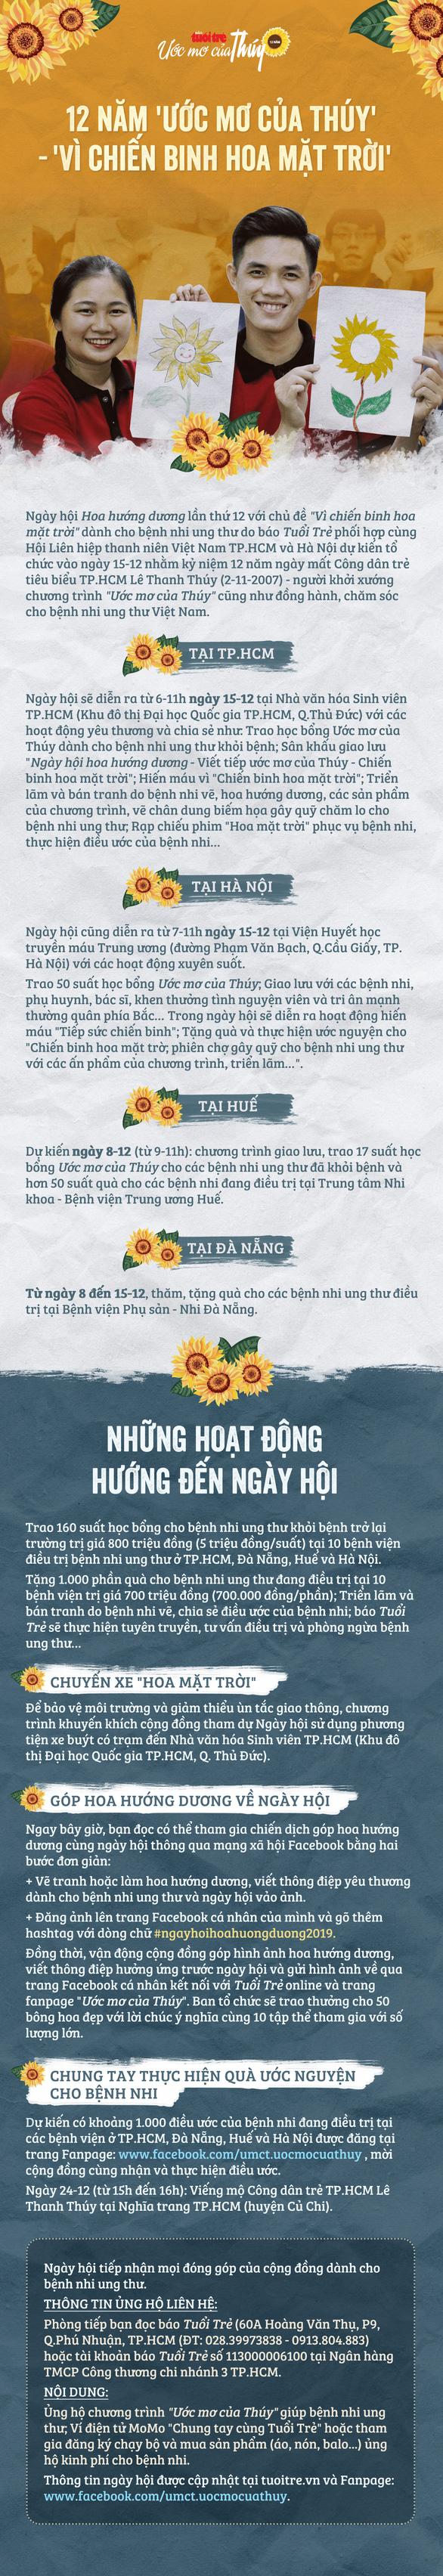 Ngày hội hoa hướng dương 2019: chặng đường 12 năm Ước mơ của Thúy - Ảnh 1.